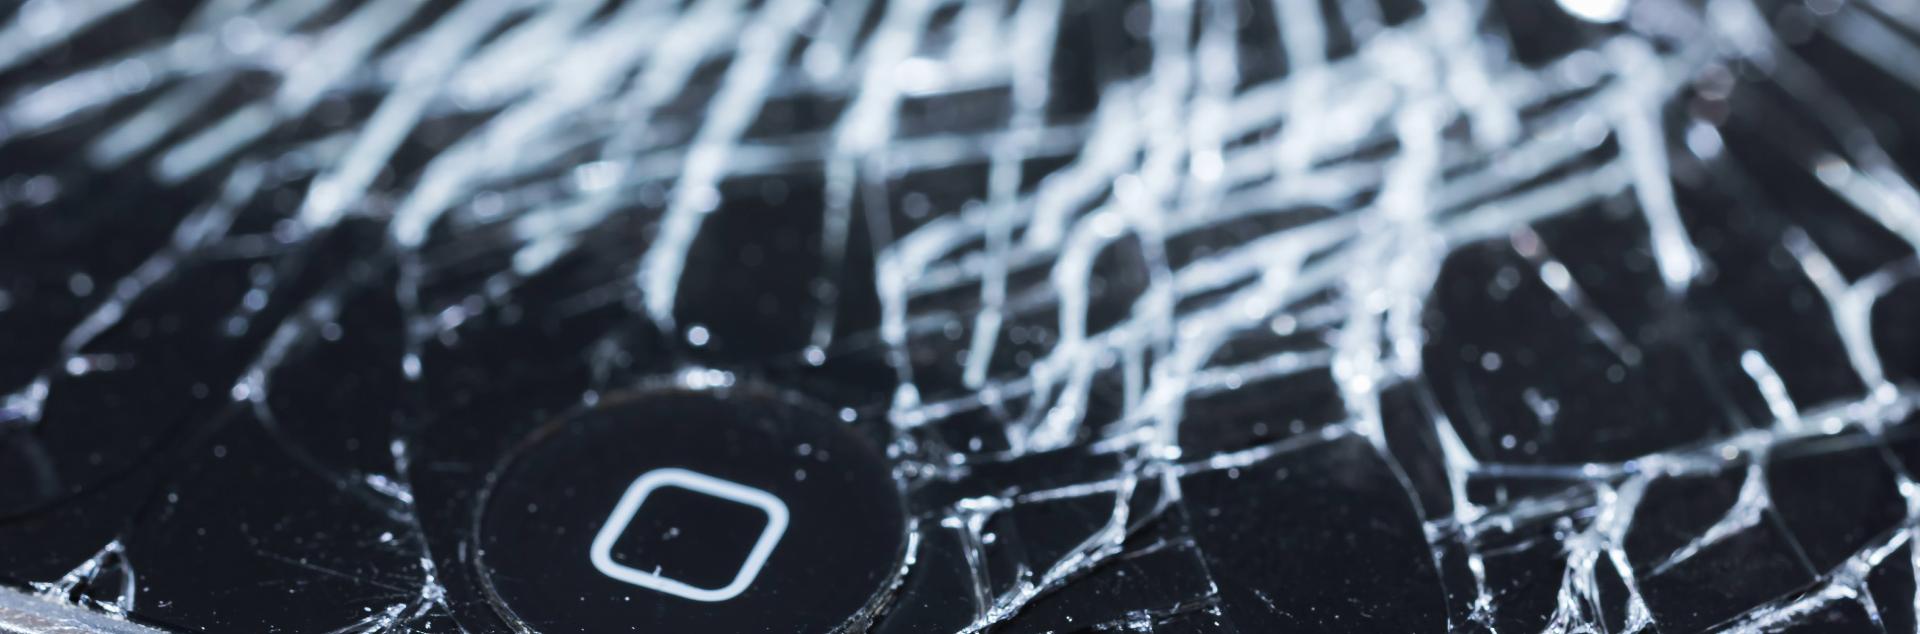 iPhoneの画面割れ修理ならココ!札幌のiPhone修理店の料金を比べてみた